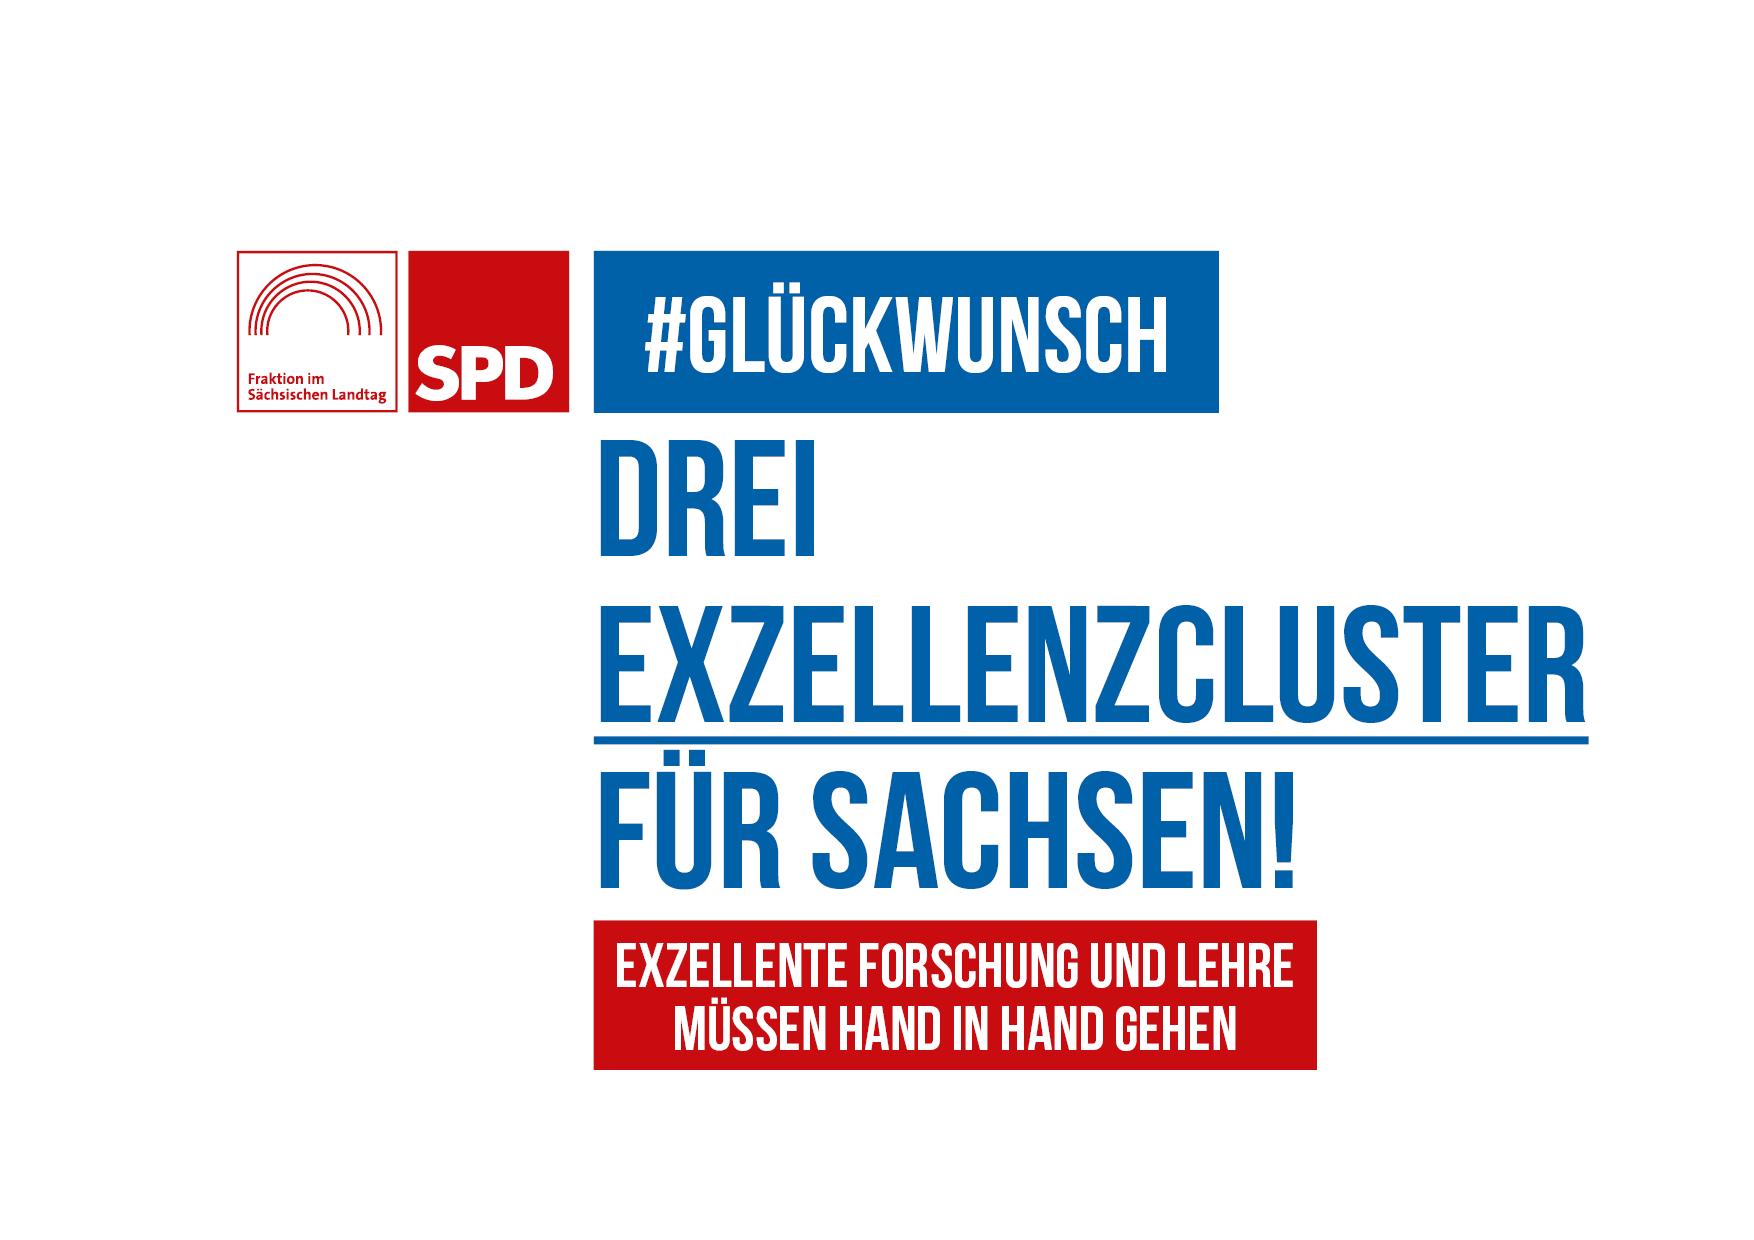 Dresdner Spitzenforschung bleibt exzellent